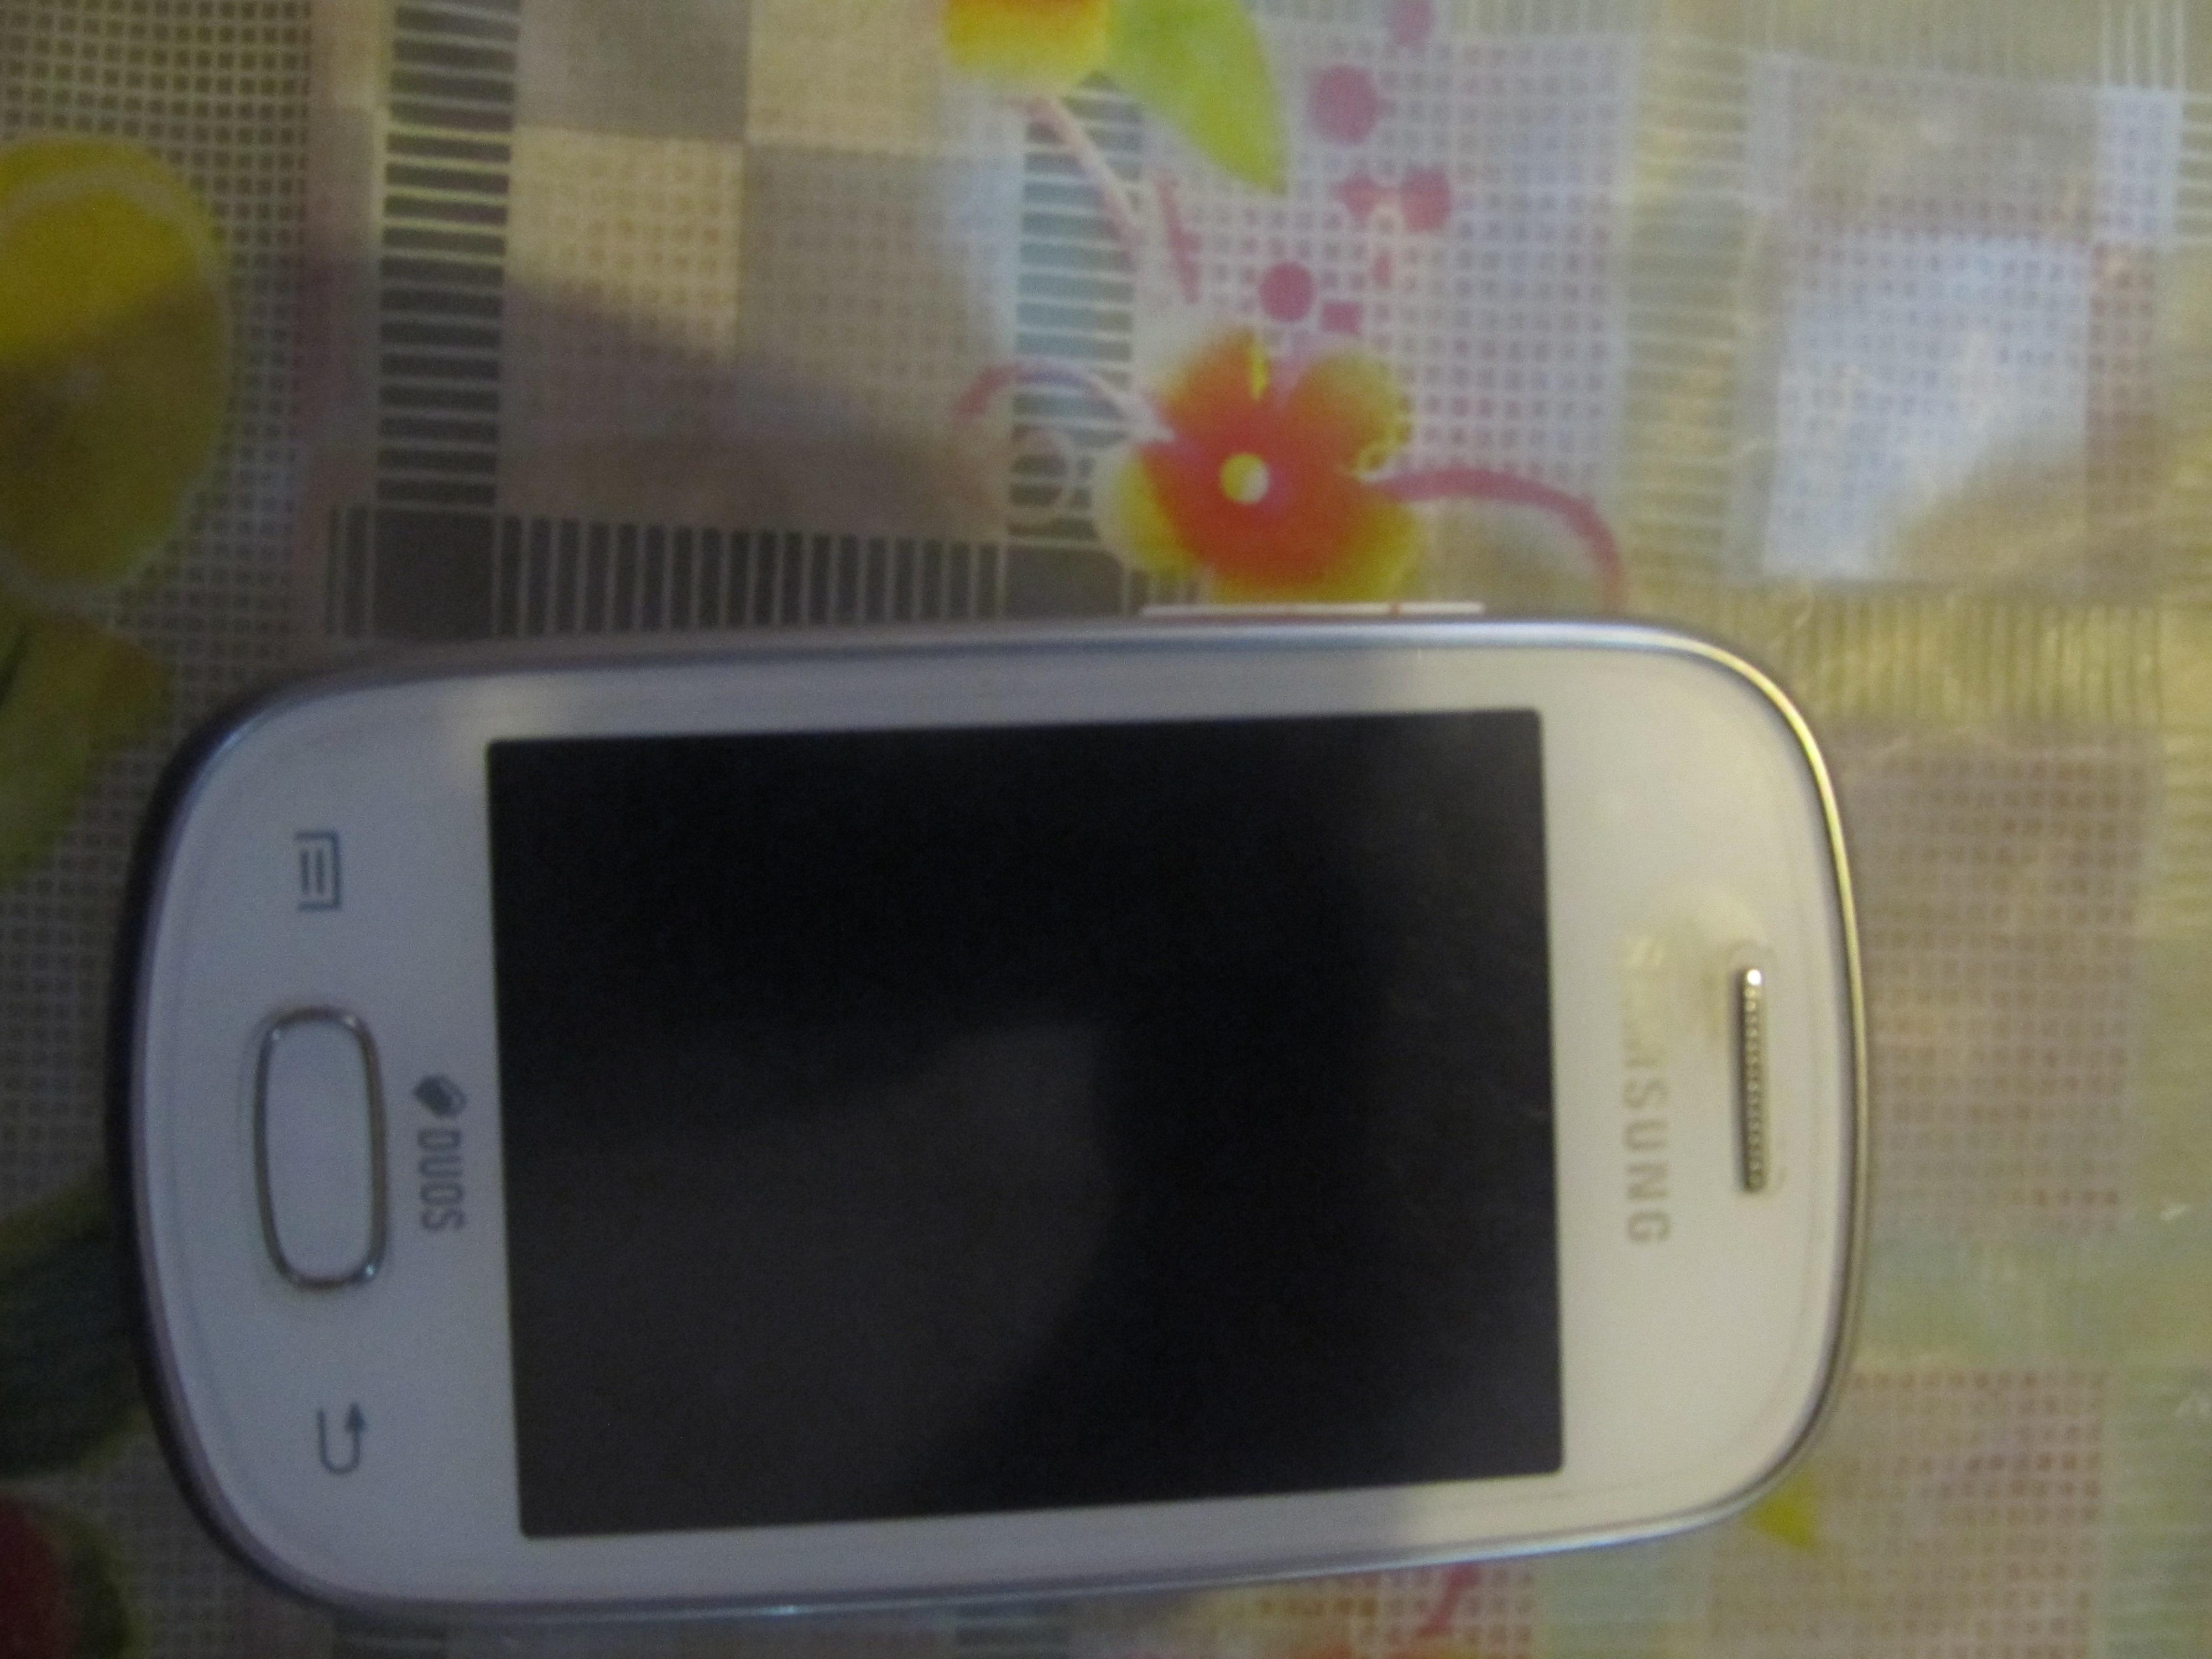 Samsung galaxy star s